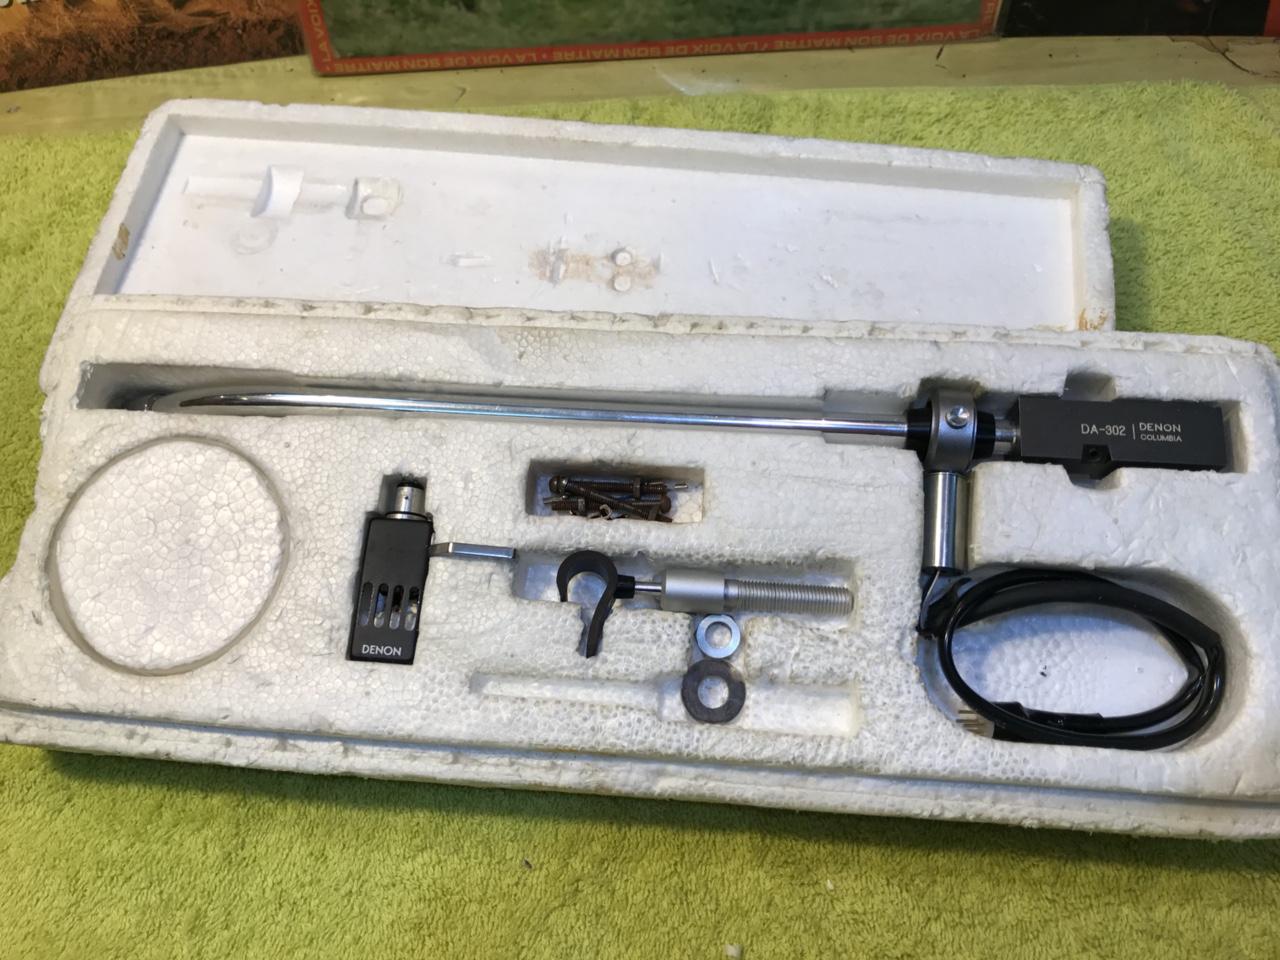 tonearm-denon-da-302